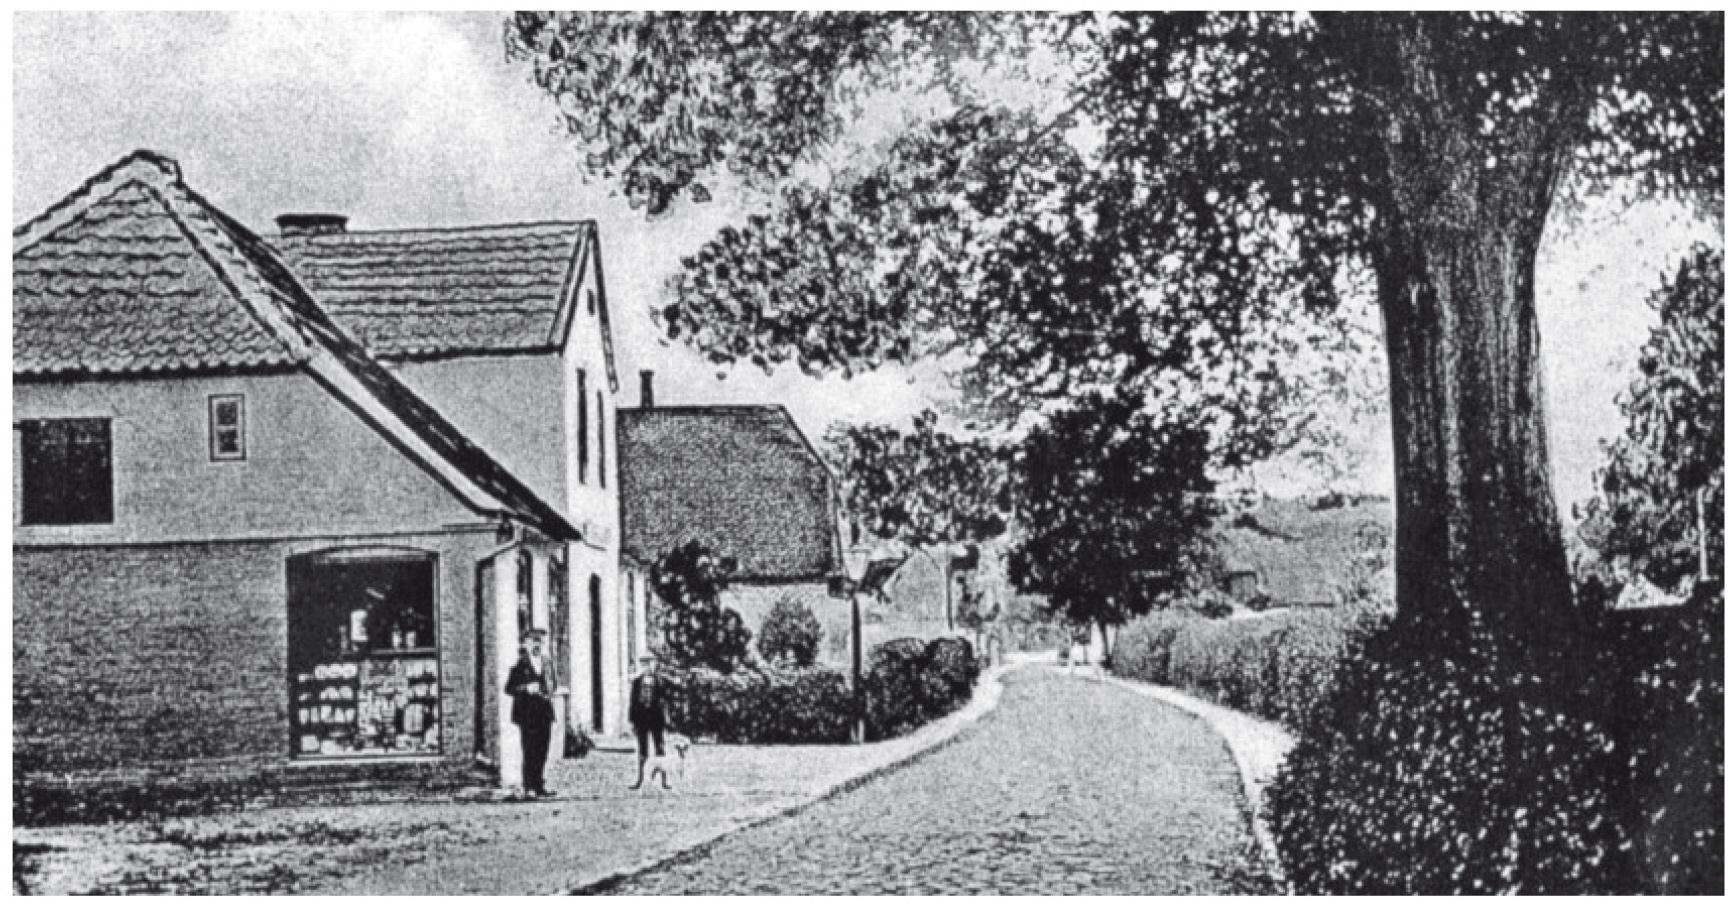 dorf_bilder/Chronik-Hennstedt-200-3.jpg